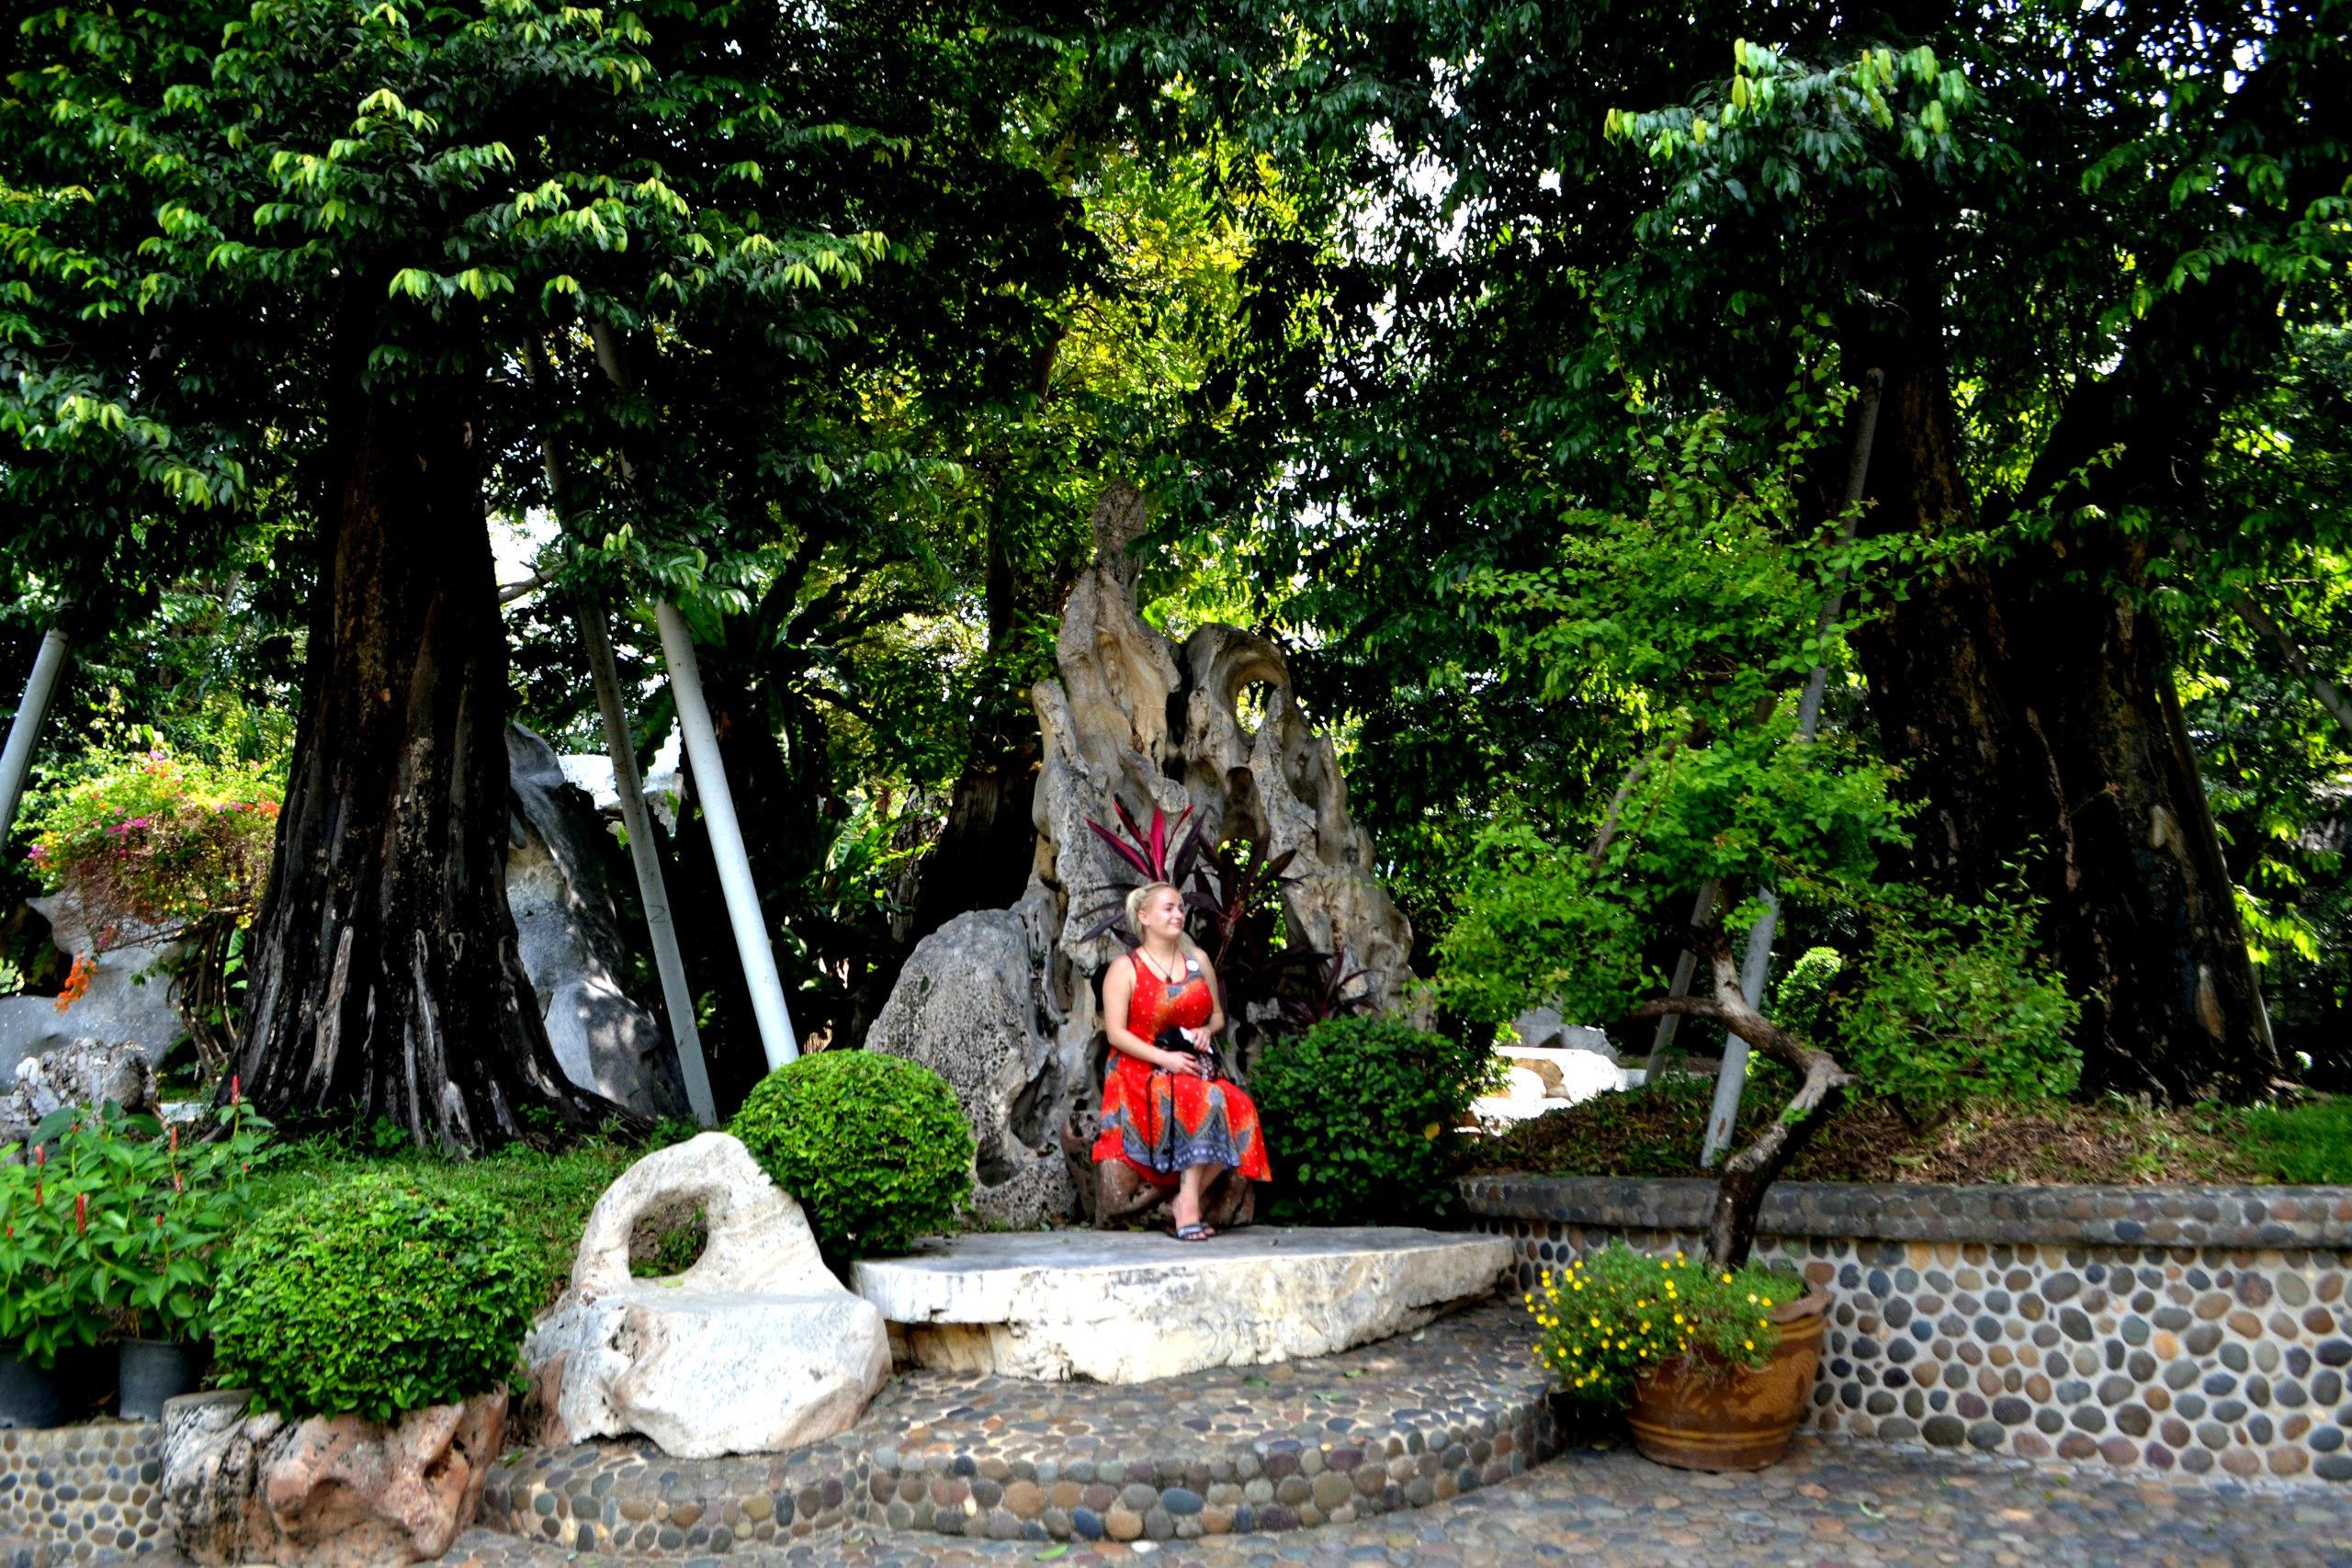 Елена Руденко ( Валтея ). Таиланд. Парк миллионолетних камней и крокодиловая ферма. - Страница 3 Xv1vNM5qoMQ